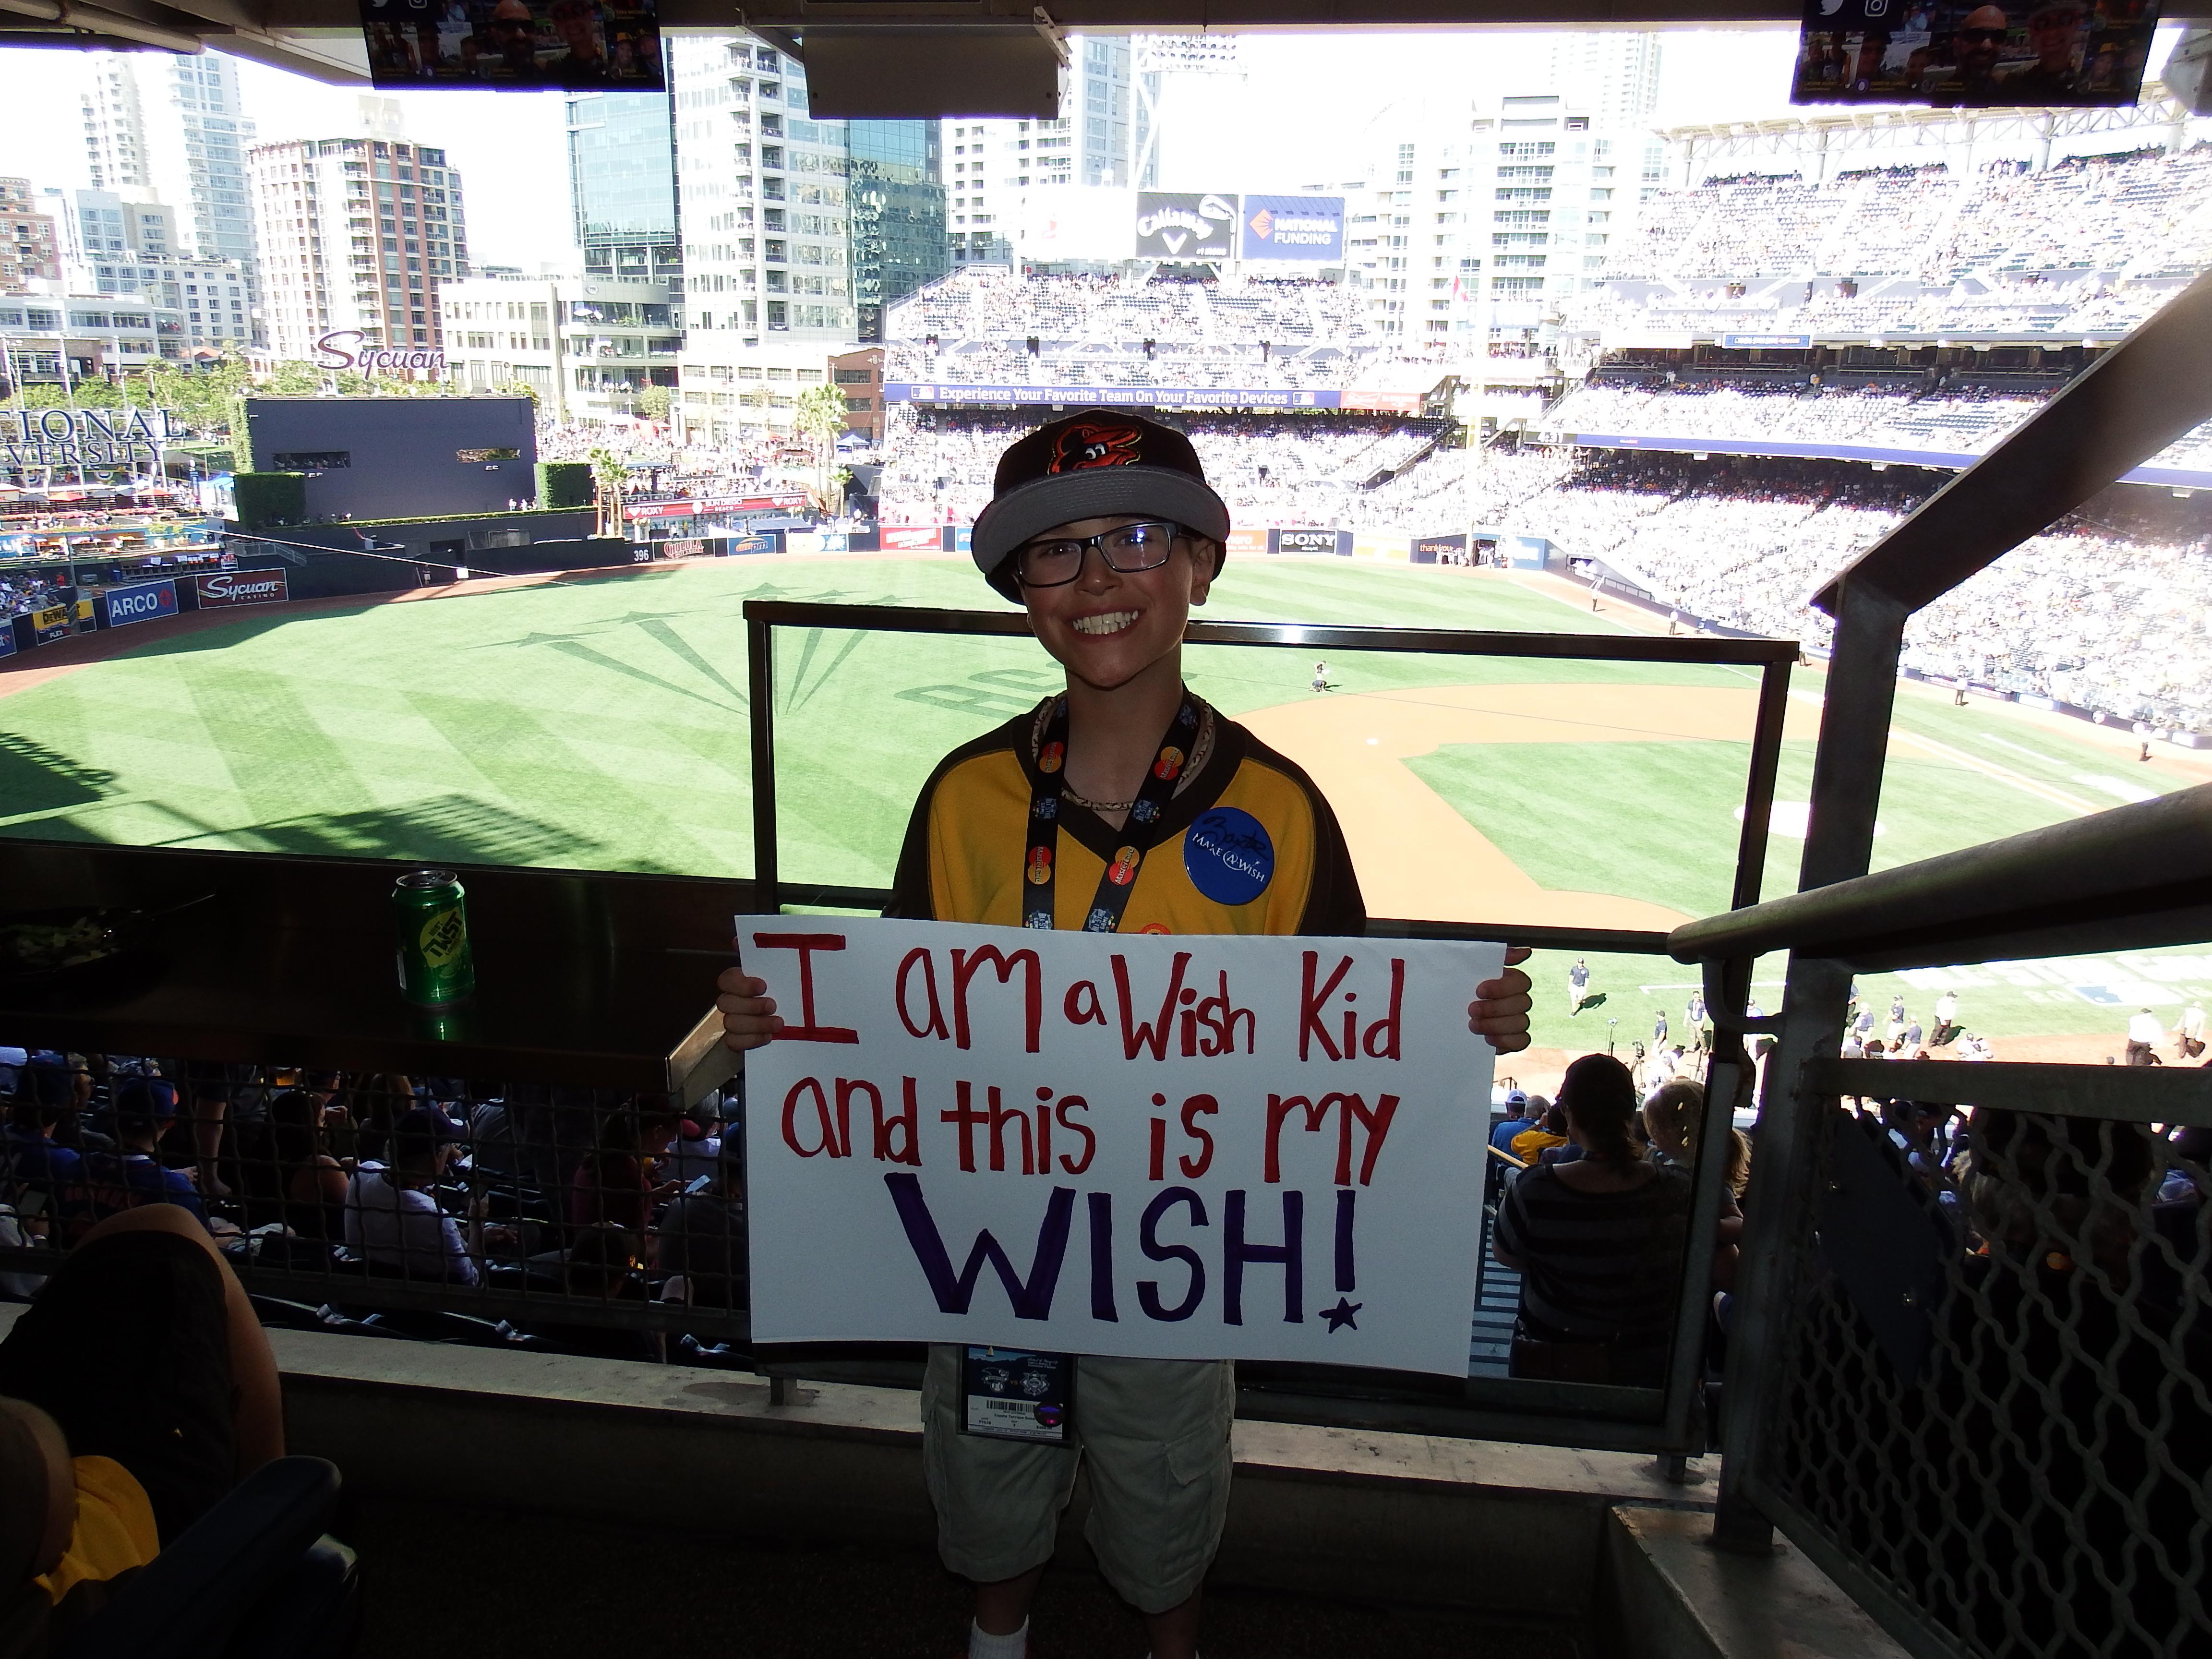 Aidan Briggs, Wish Kid at MLB All Star Game 2016